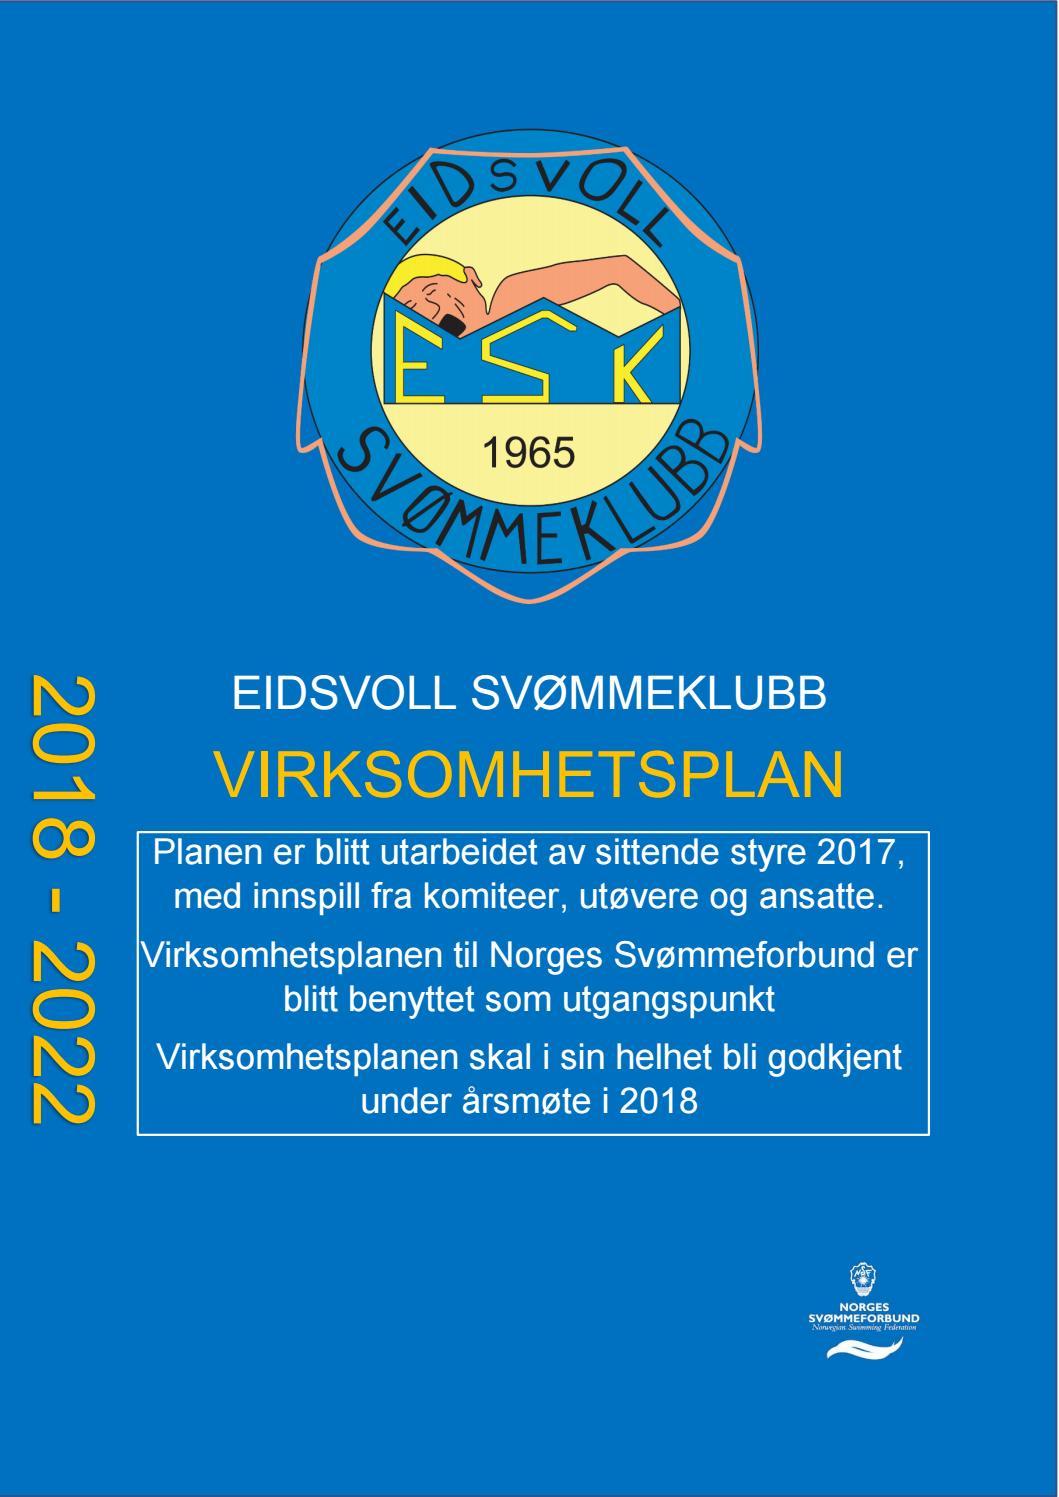 c6a440744 Virksomhetsplan for Eidsvoll svømmeklubb 2018-2022 by ESK - issuu